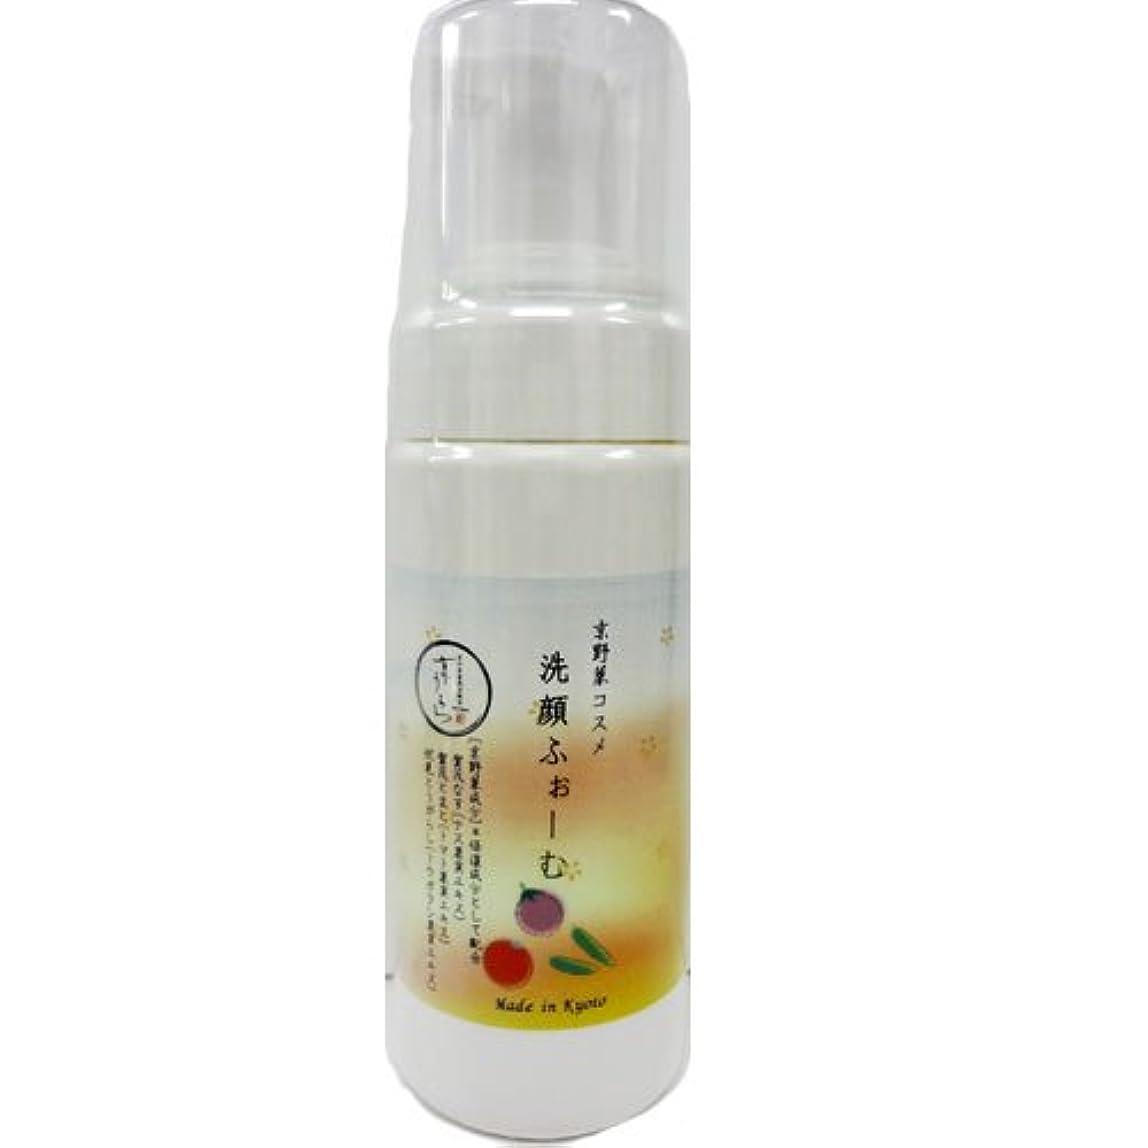 満州製造自動化京うらら 京野菜 京のうるおう洗顔フォーム 150ml